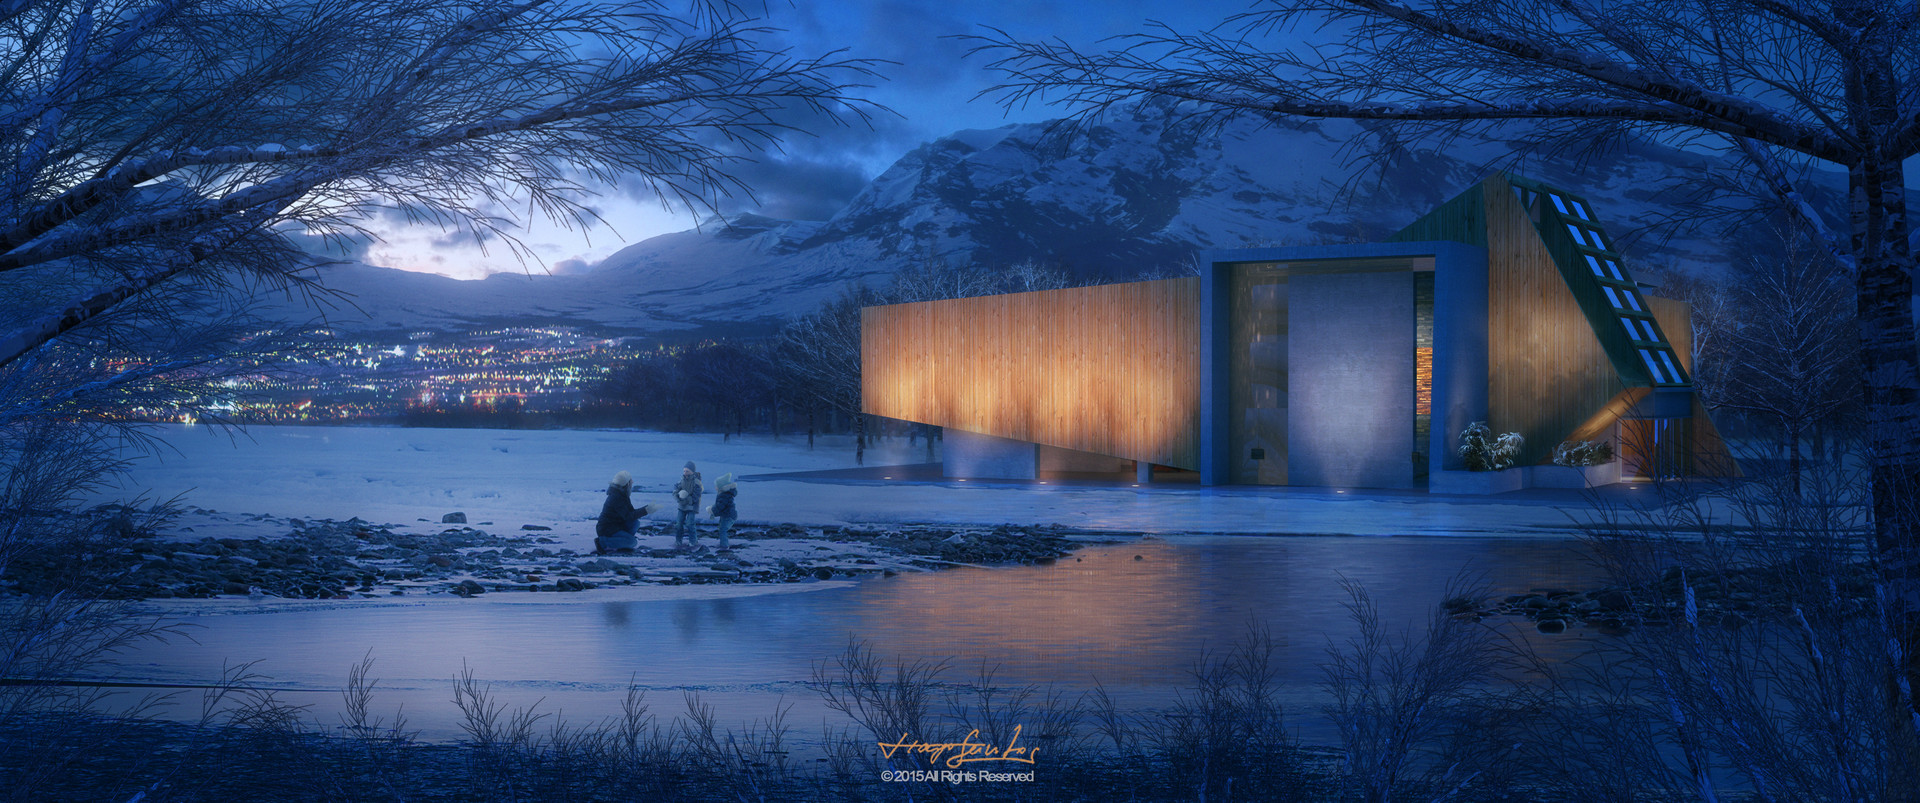 Tiago santos blue dusk architecture